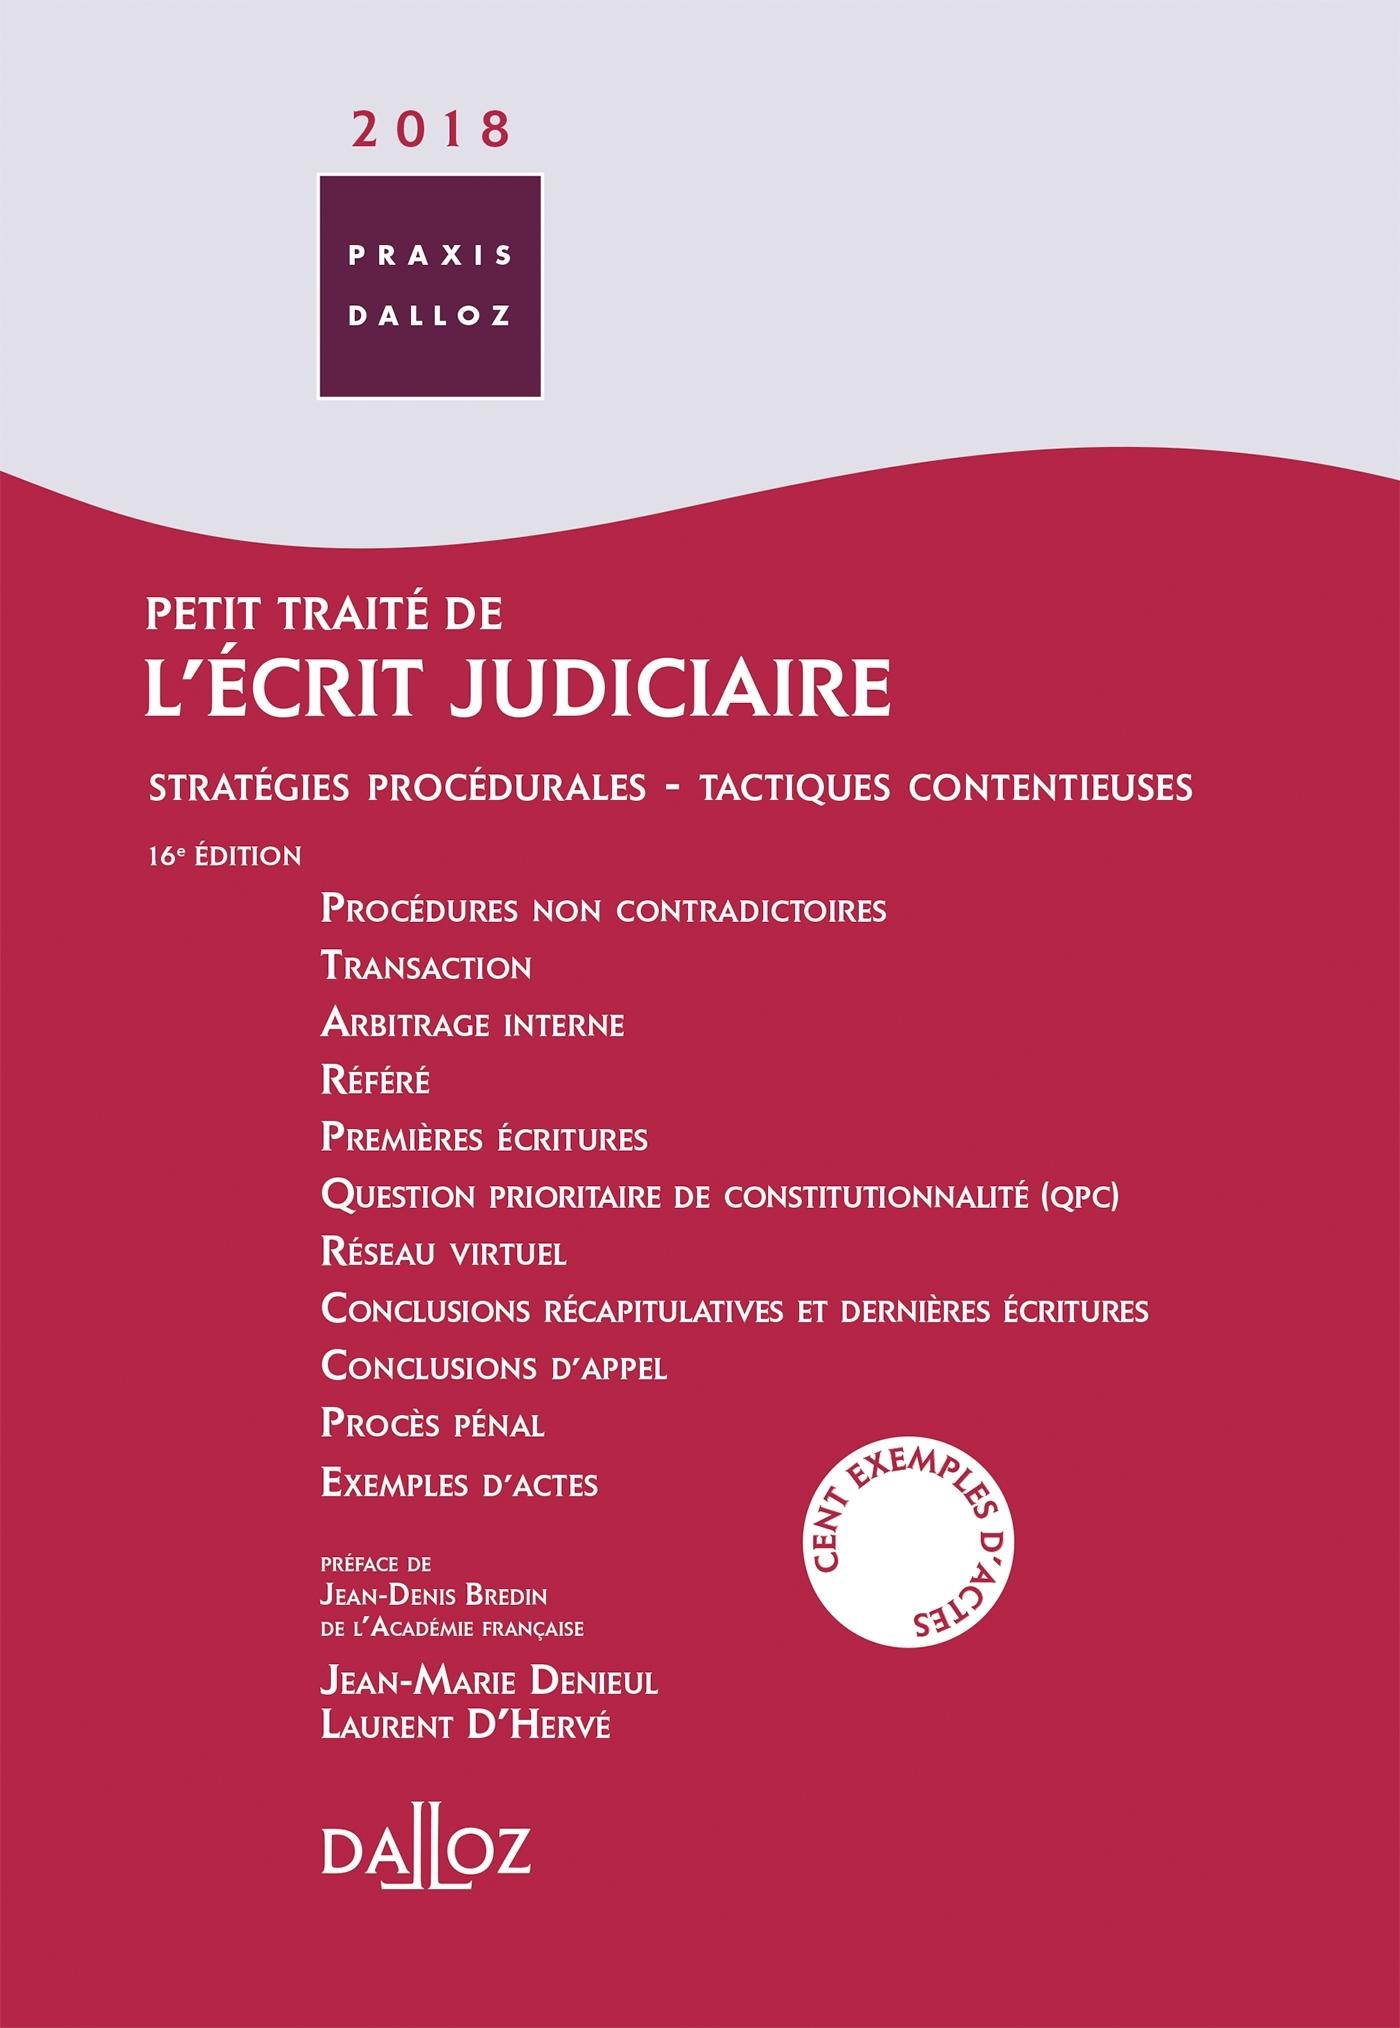 PETIT TRAITE DE L'ECRIT JUDICIAIRE 2018 - 16E ED.